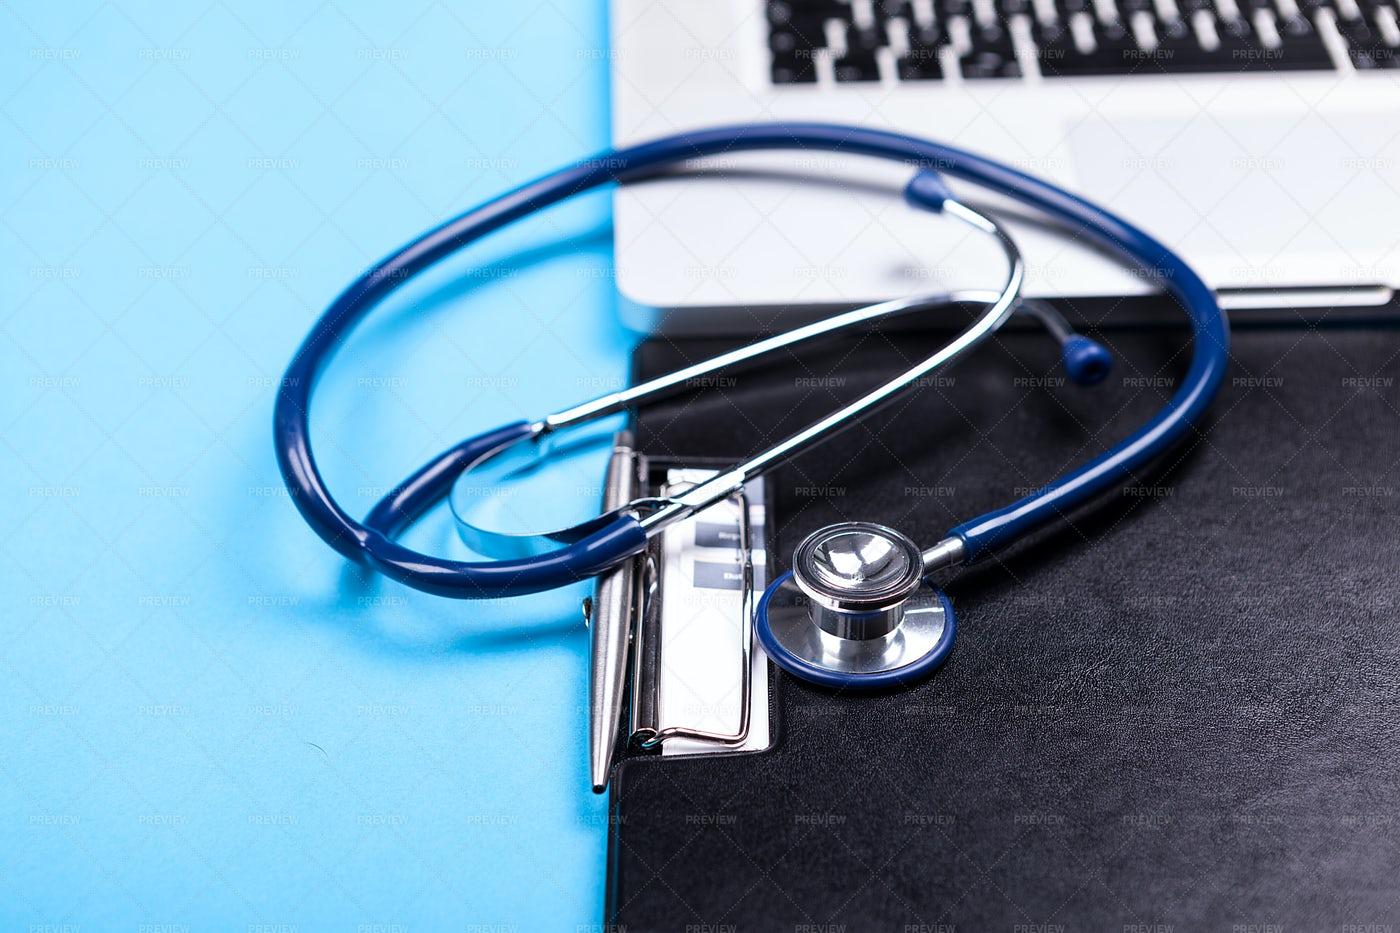 Stethoscope Next To Laptop: Stock Photos